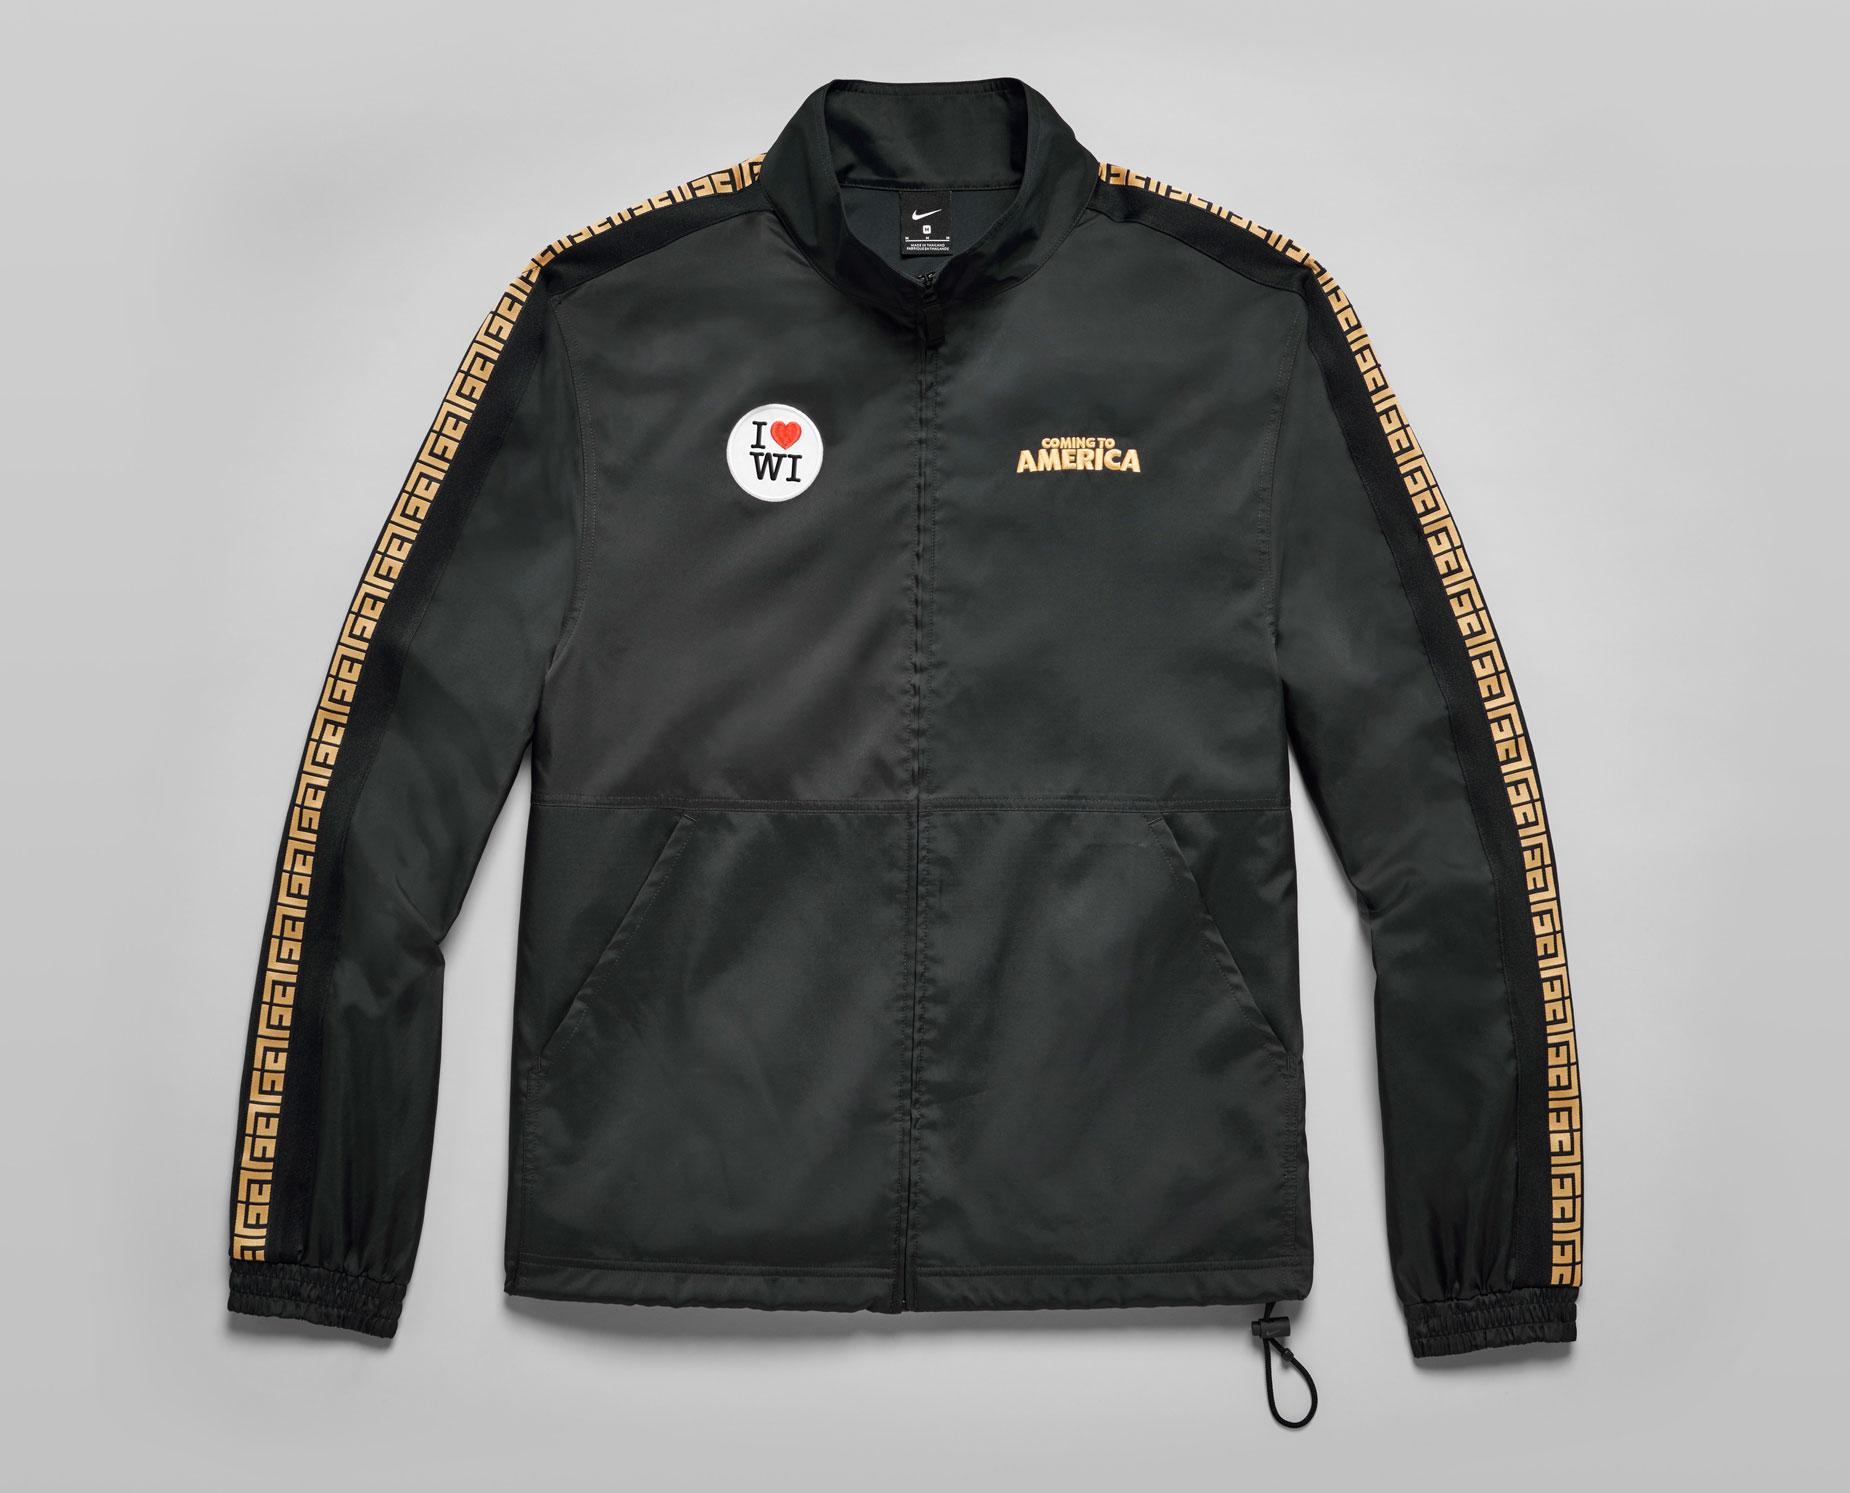 nike-zoom-freak-1-giannis-coming-to-america-jacket-1